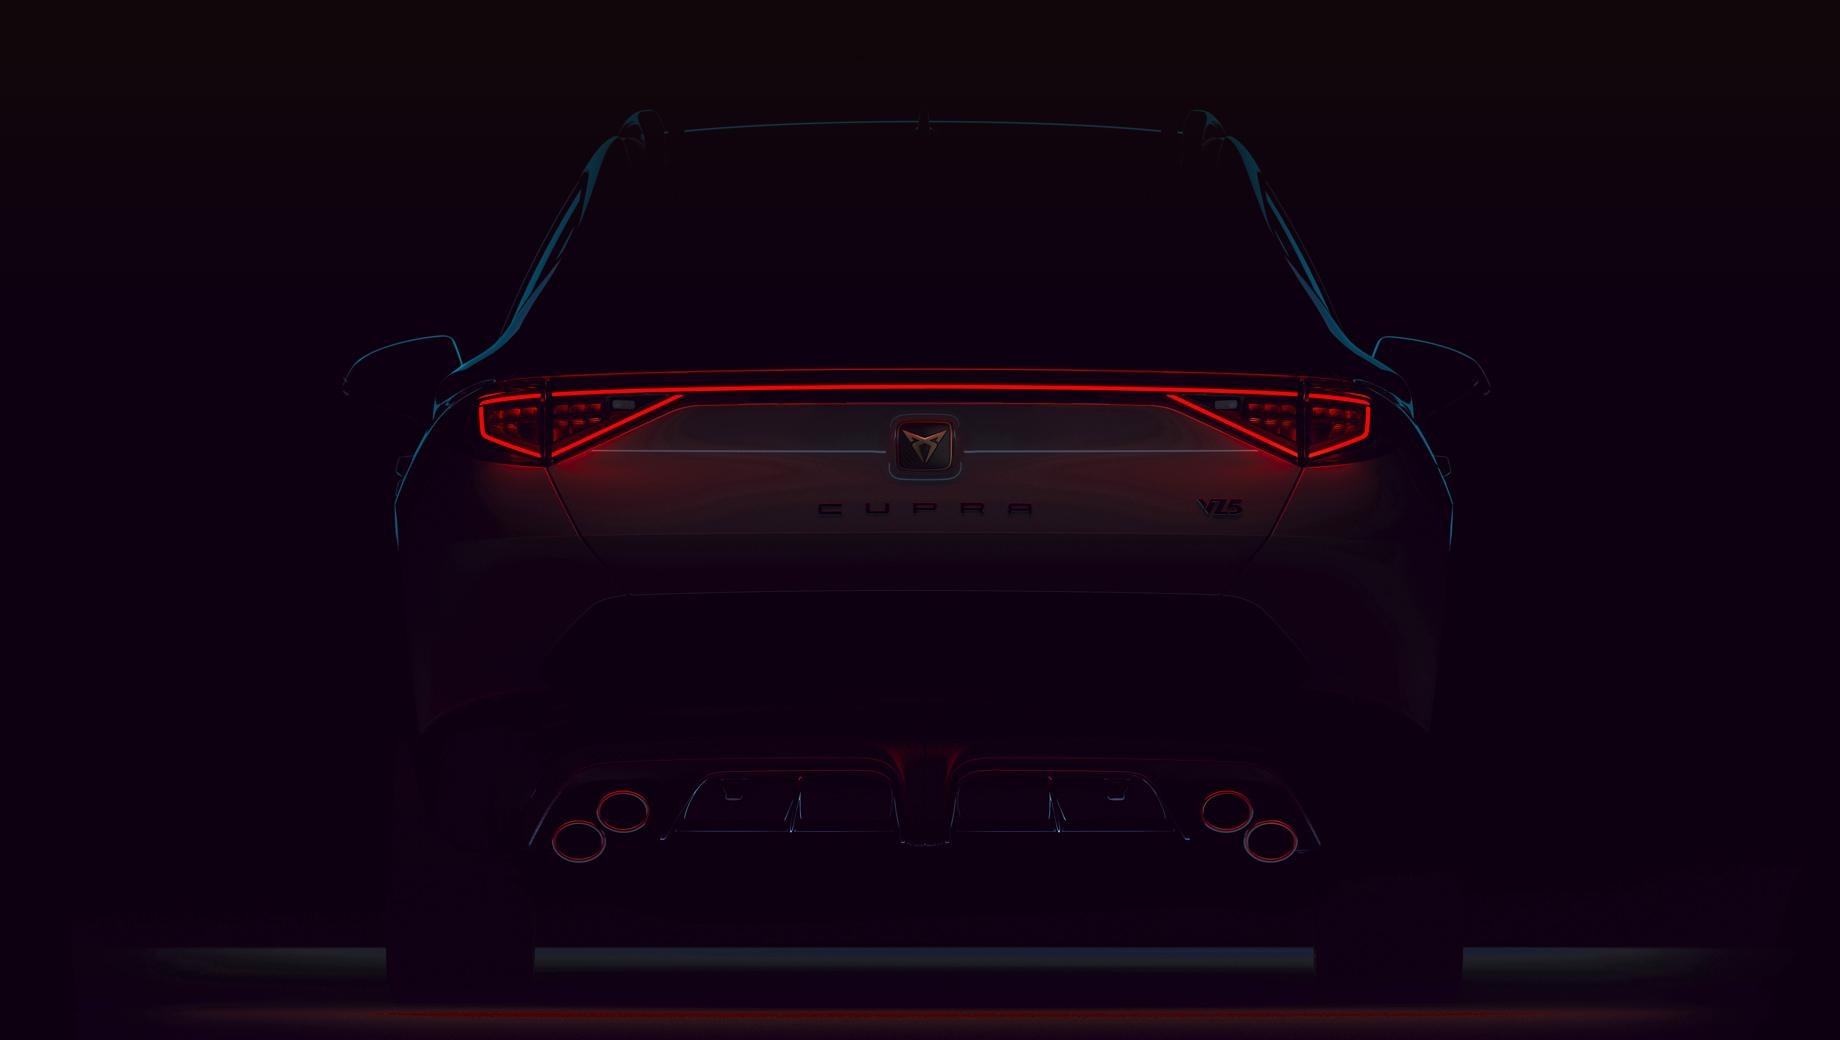 Кроссовер Cupra Formentor VZ5 будет рассекречен через две недели